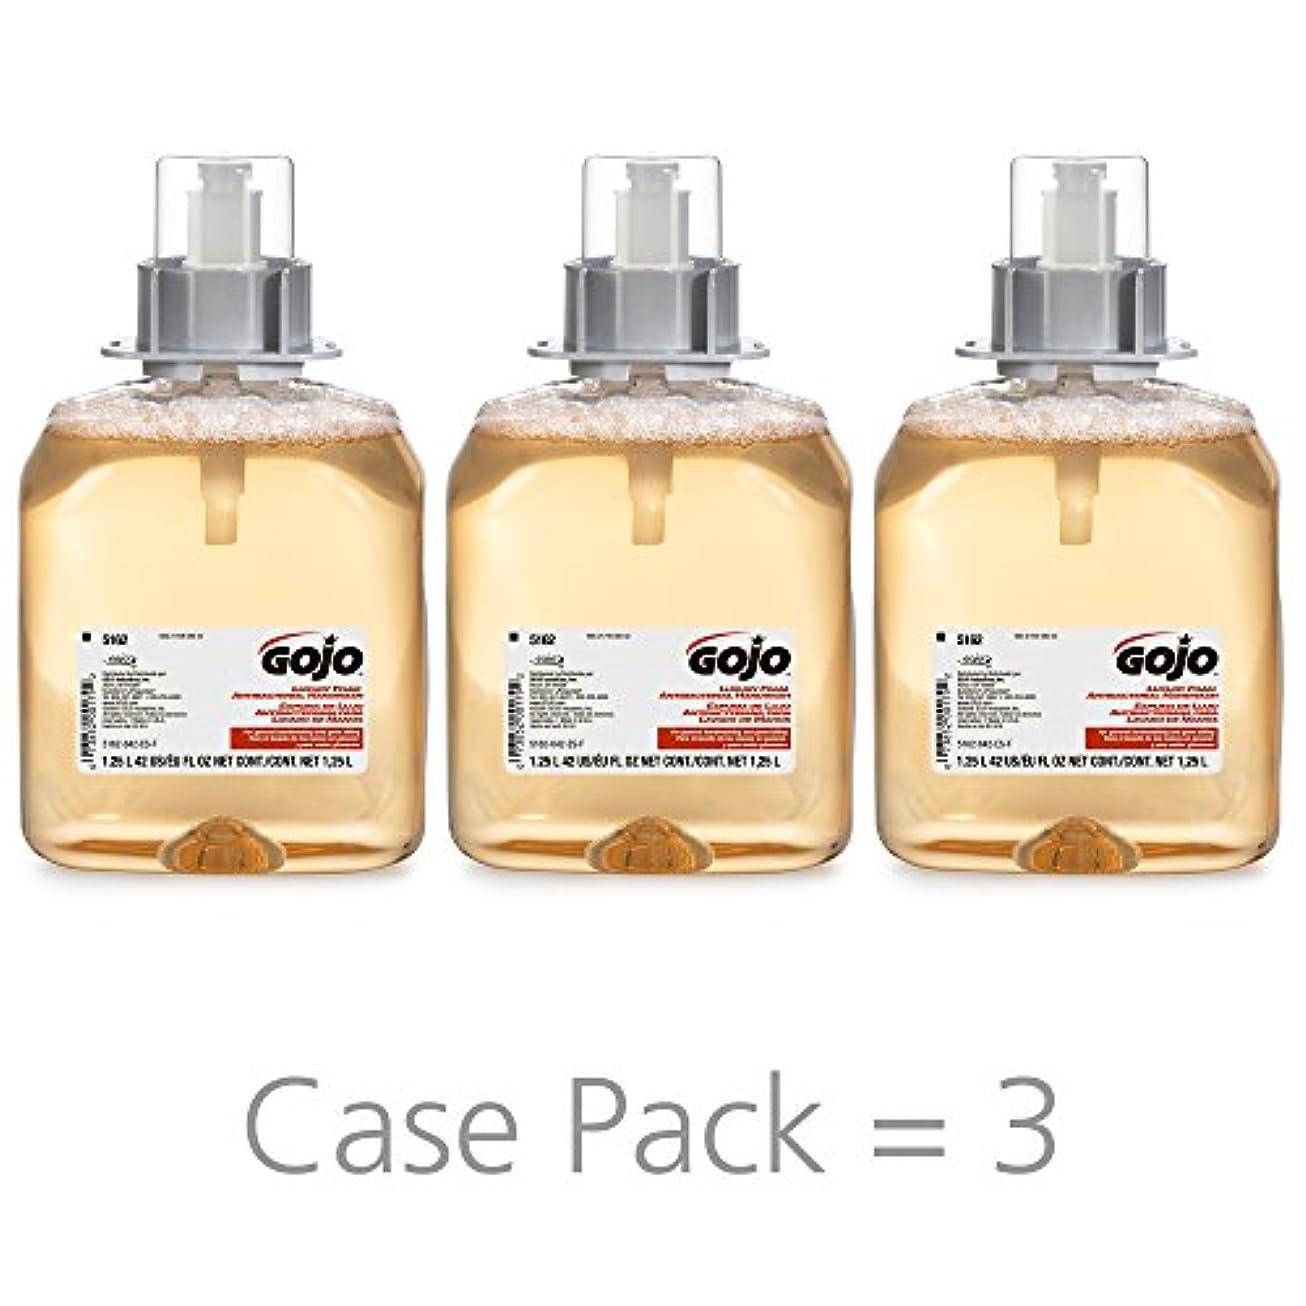 哀れなステープルまとめるGOJO 516203CT FMX-12 Foam Hand Wash, Fresh Fruit, FMX-12 Dispenser, 1250mL Pump, 3/Carton by Gojo